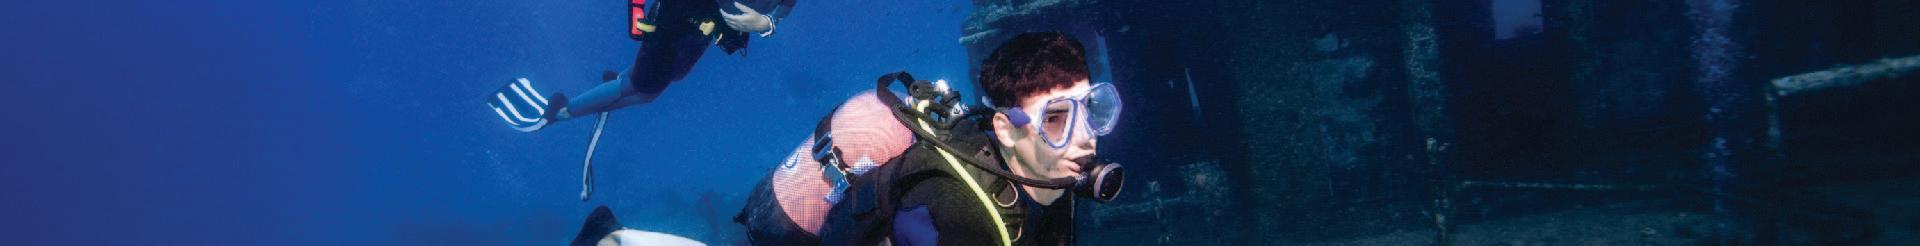 Buoyancy Compensator Device(BCD)